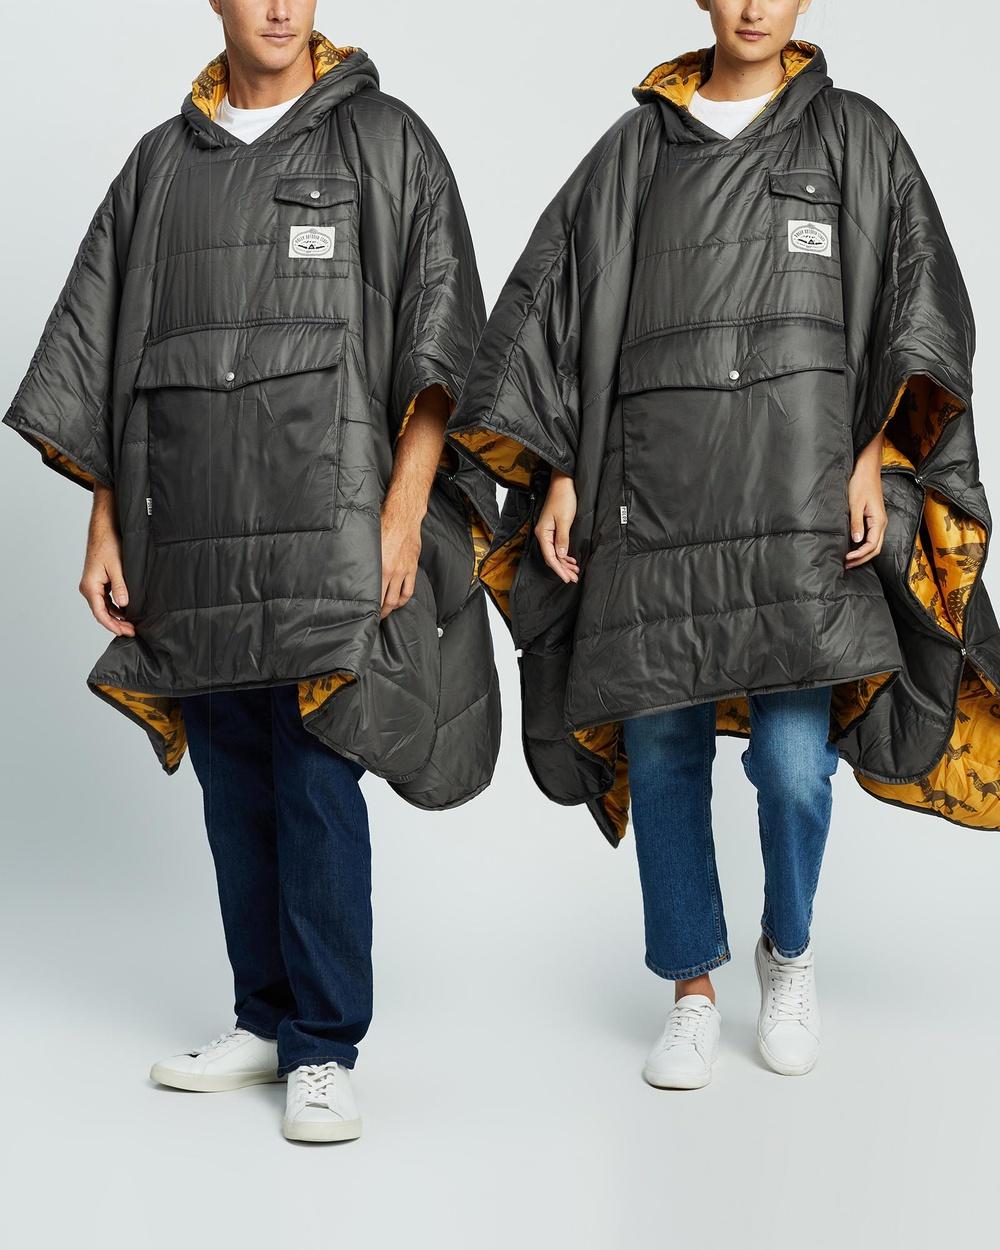 Poler Reversible Poncho Unisex Sleeping Bags & Napsacks Off Black Ginger Critter